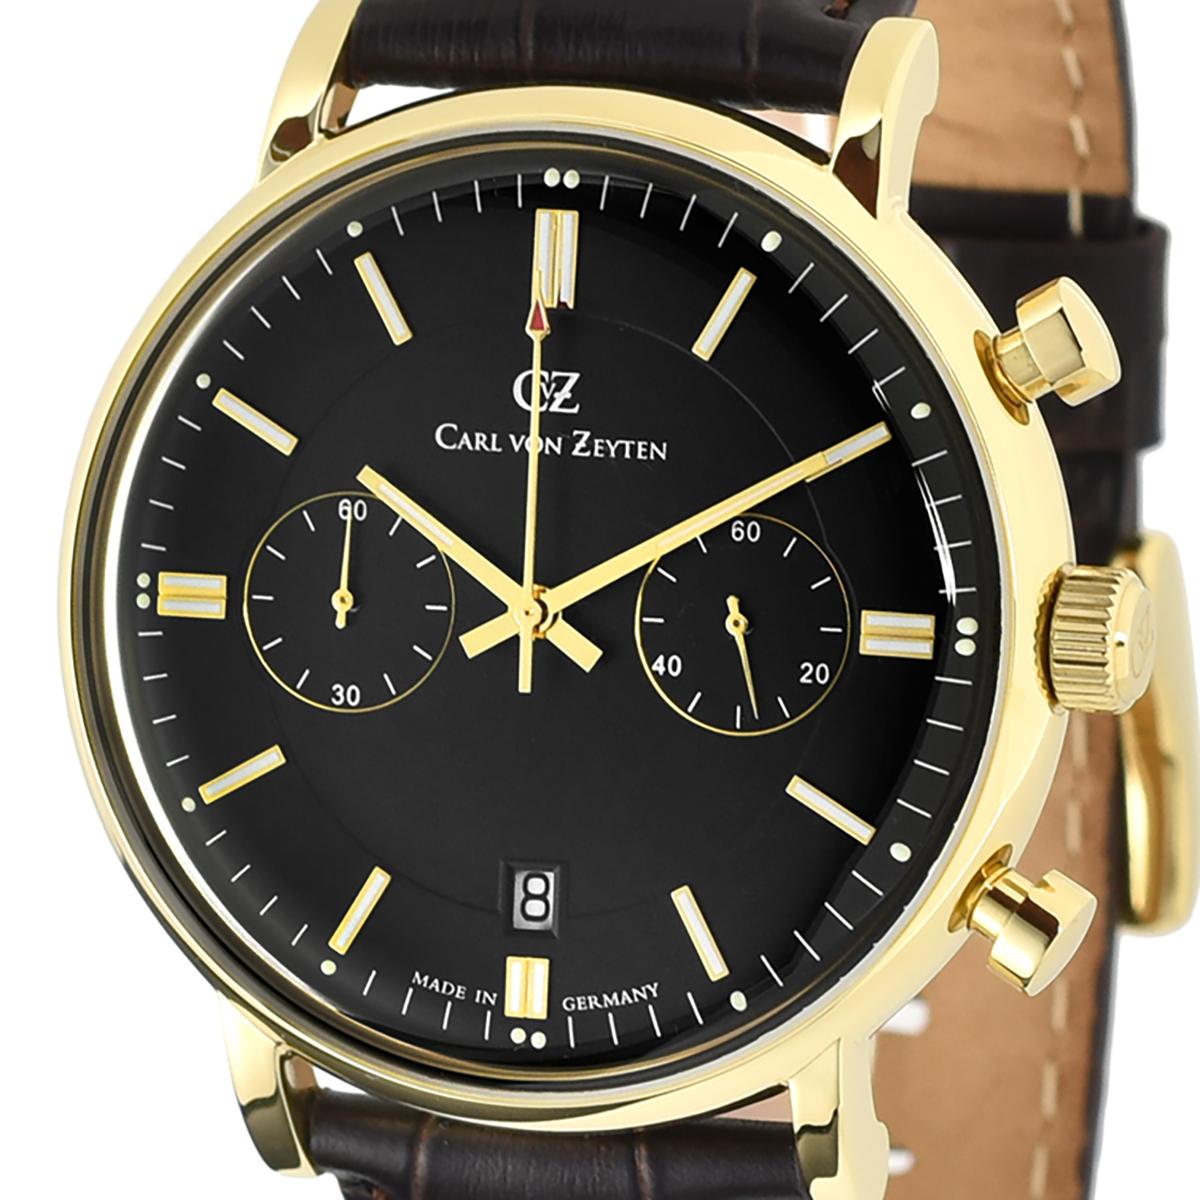 Carl von Zeyten カール・フォン・ツォイテン 電池式クォーツ 腕時計 [CVZ0037GBK] 正規代理店品  デイト クロノグラフ